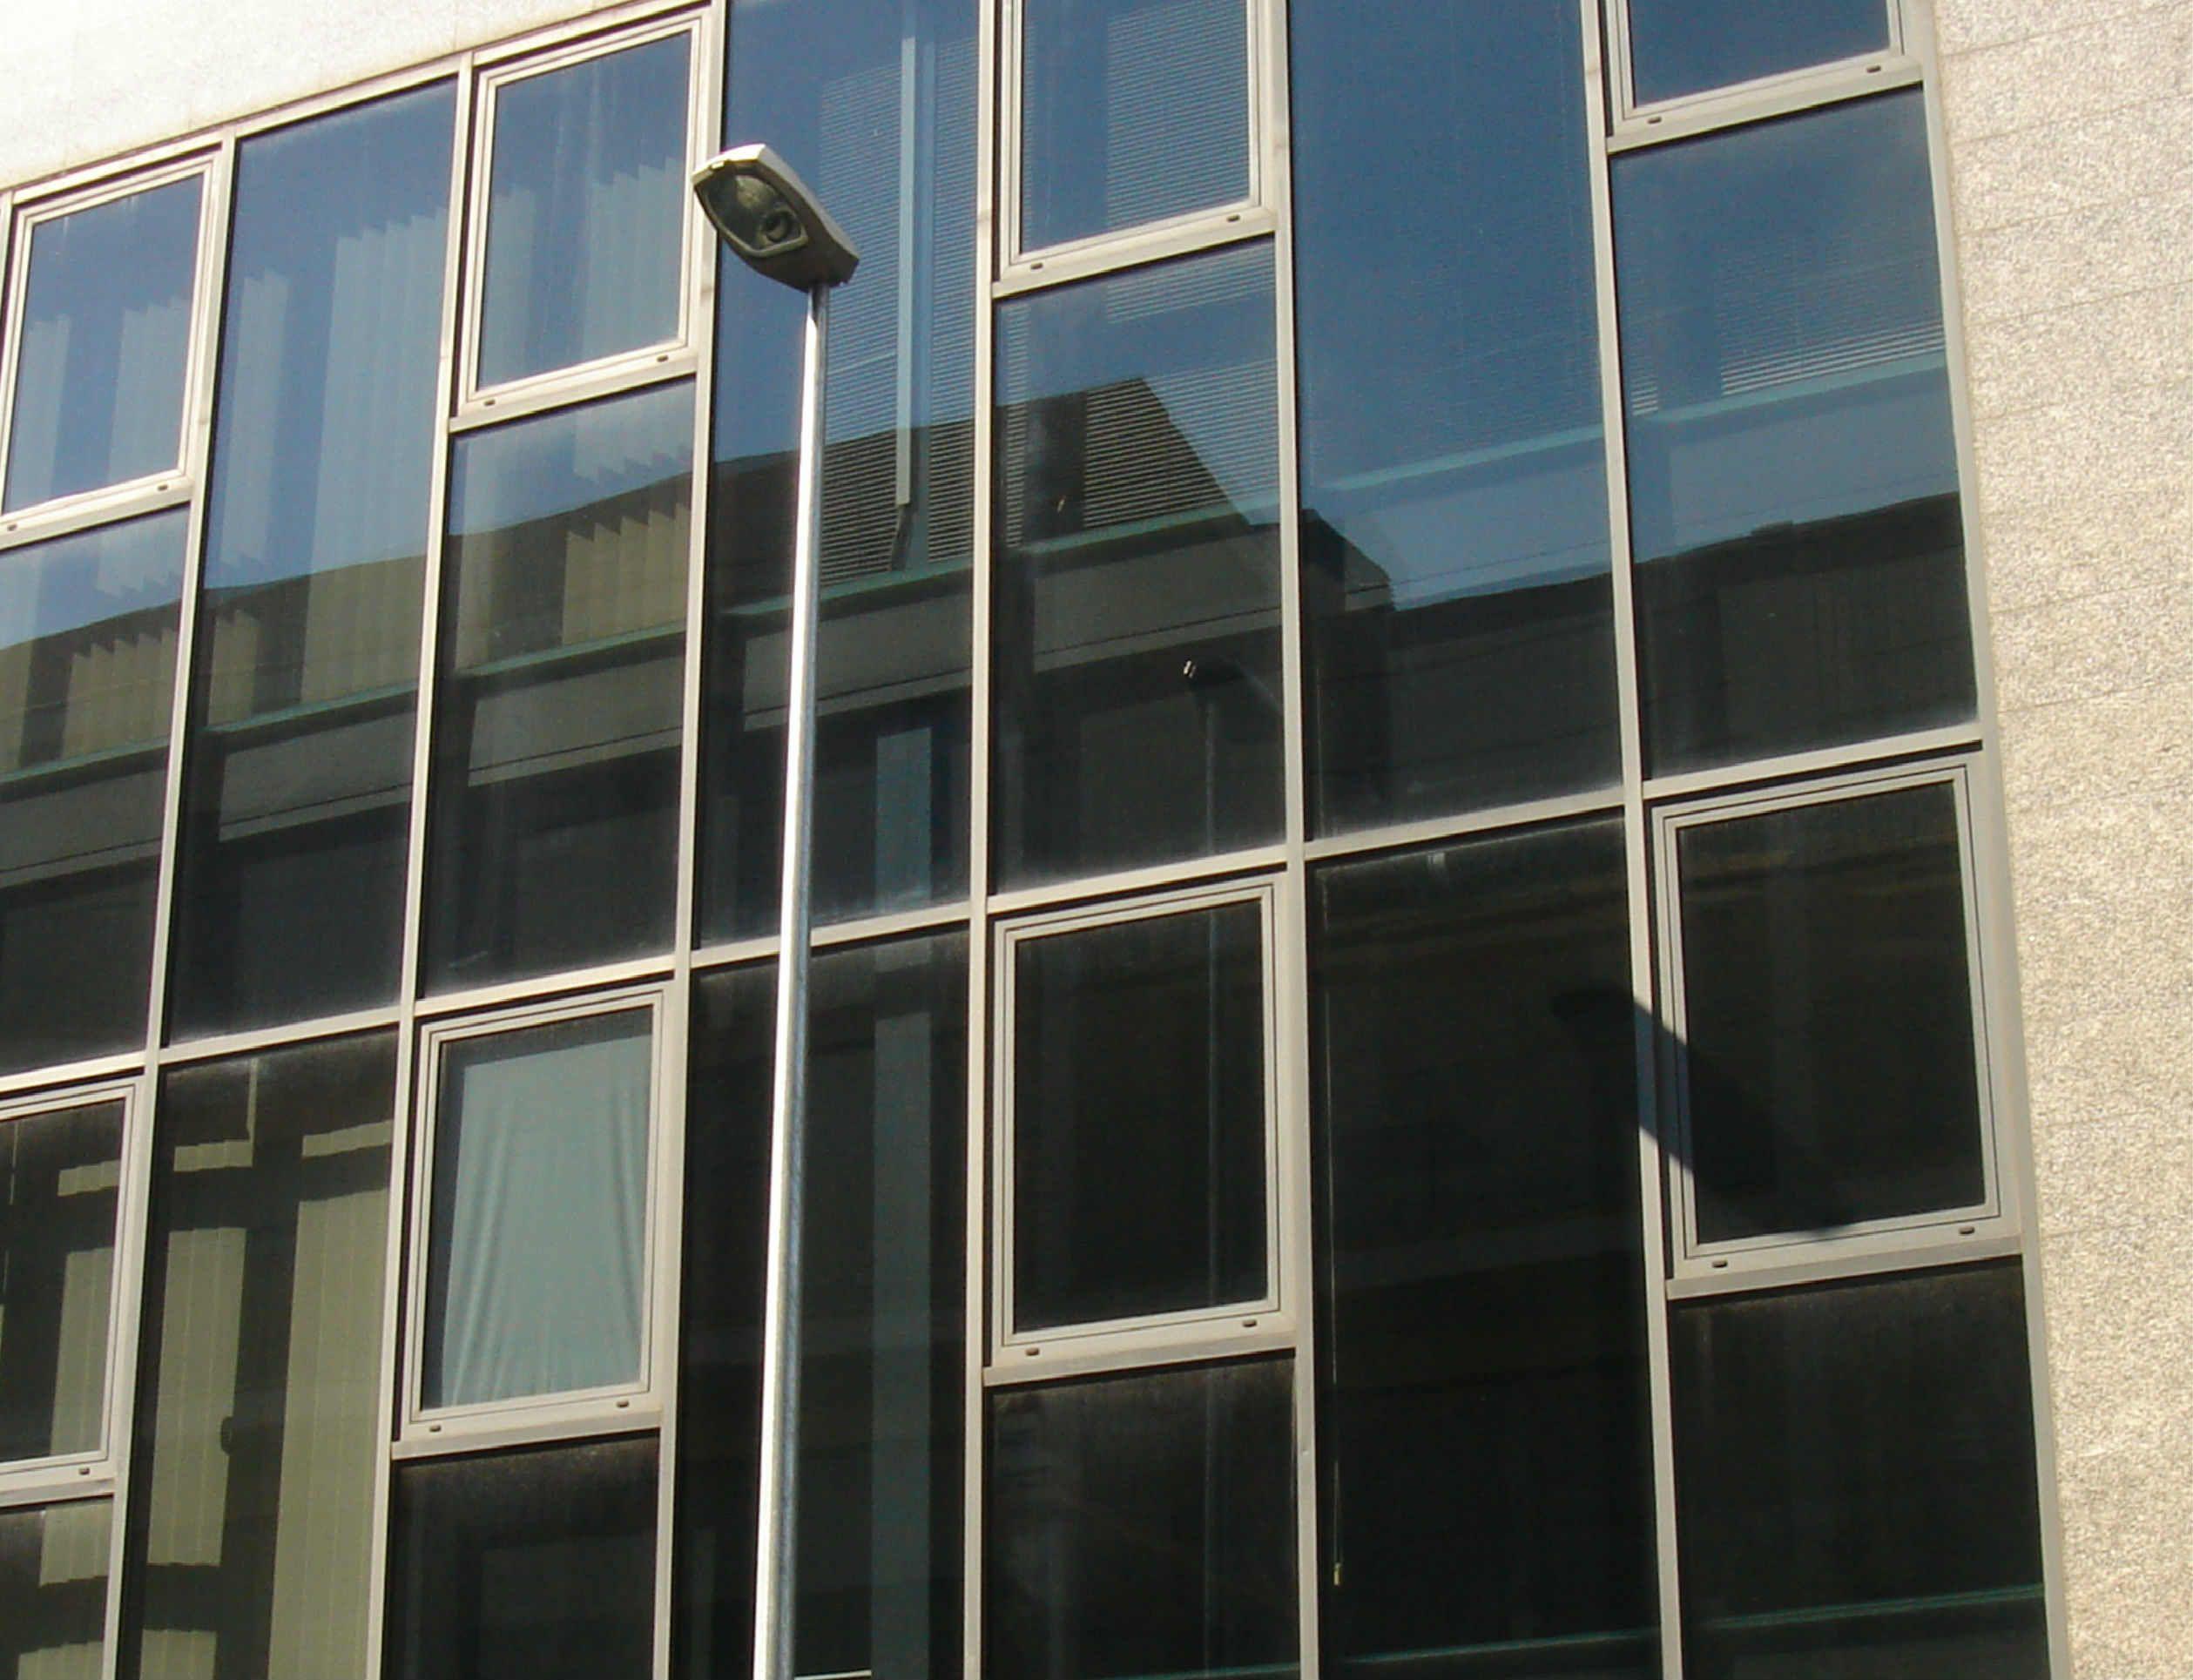 Carpinter a y ventanas de aluminio terrassa barcelona - Carpinteria de aluminio terrassa ...